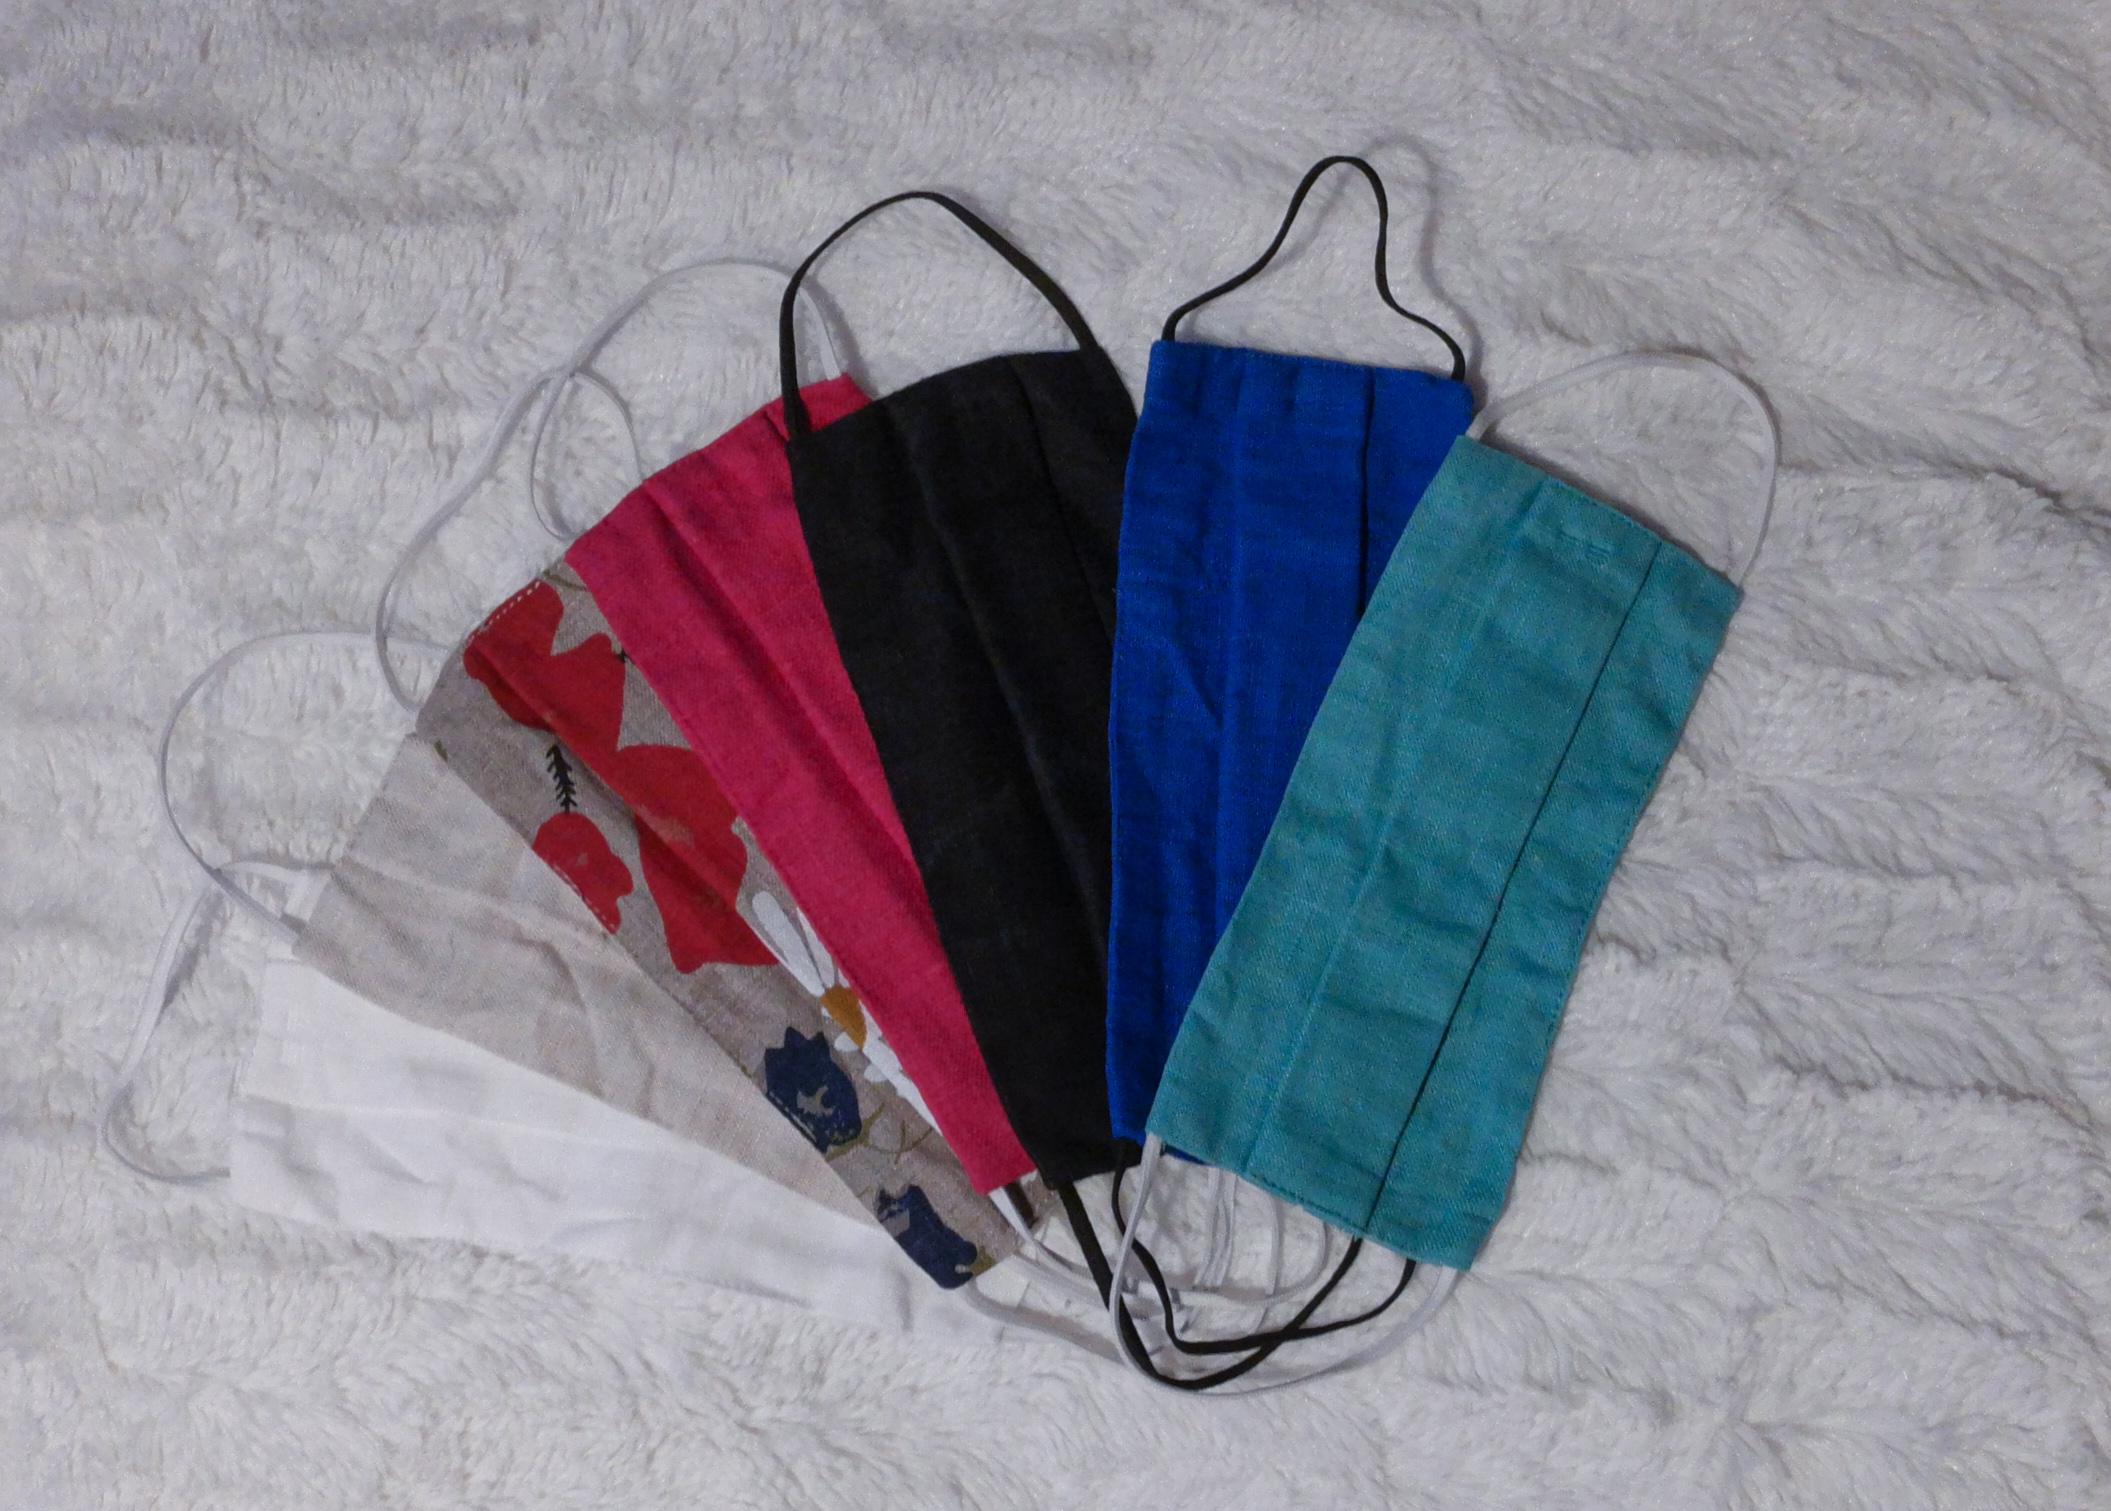 Seitsemän kangas kasvomaskia valkoisella taustalla. Yksi valkoinen, yksi beessi, yksi beessi jossa on punainen kukkakuvio, yksi magenta, yksi musta, yksi tummansininen ja yksi turkoosi.